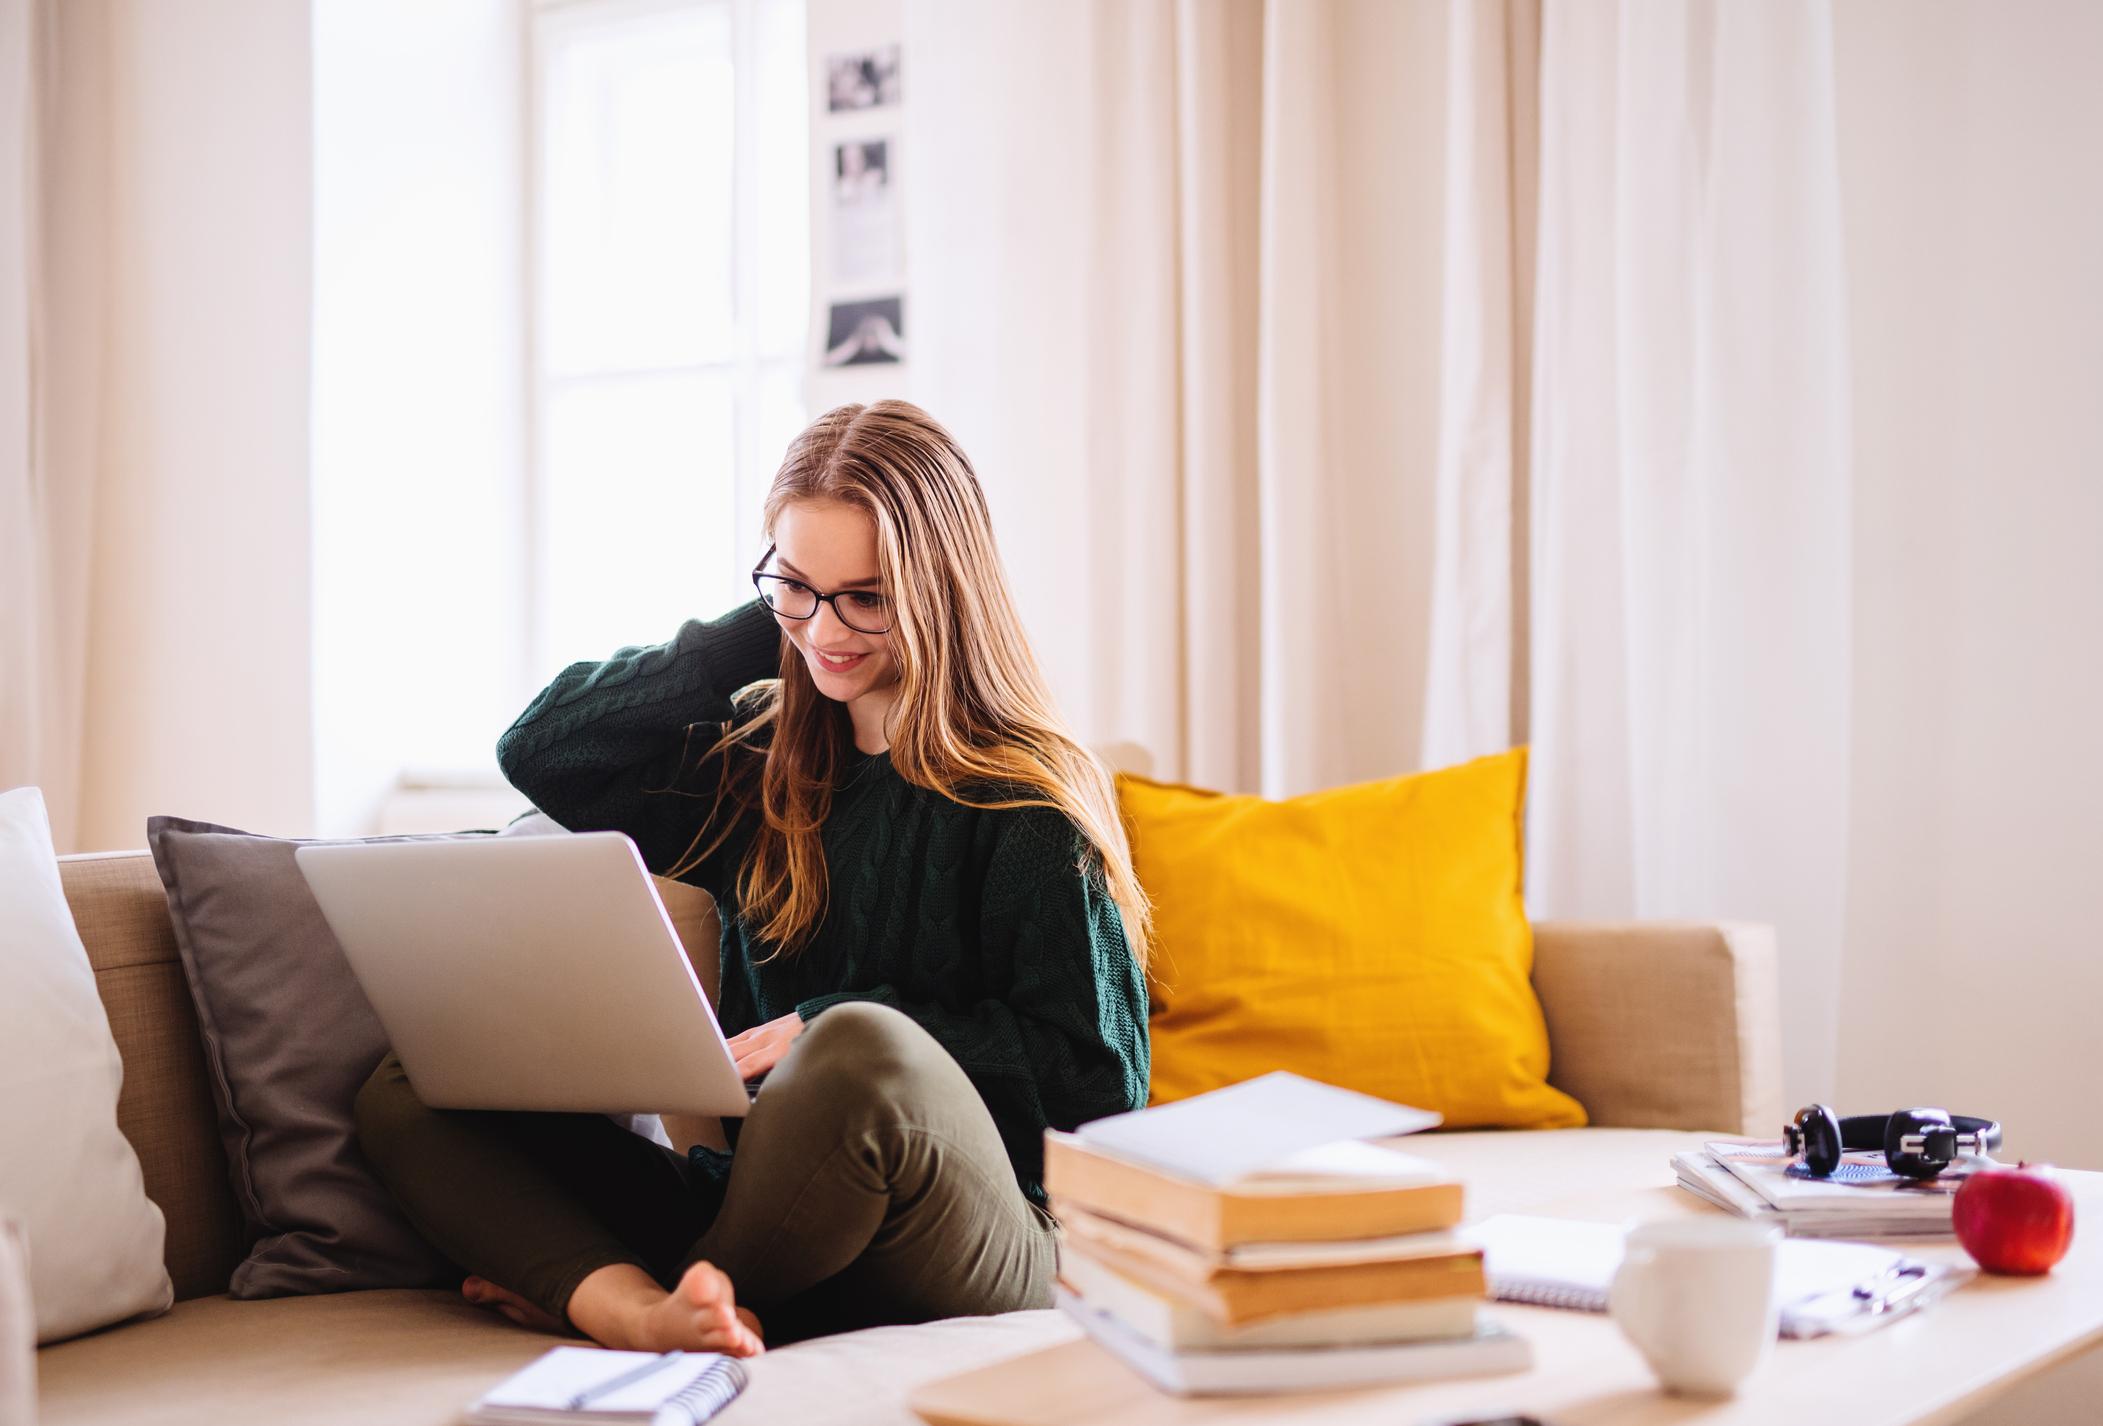 teen girl using a laptop